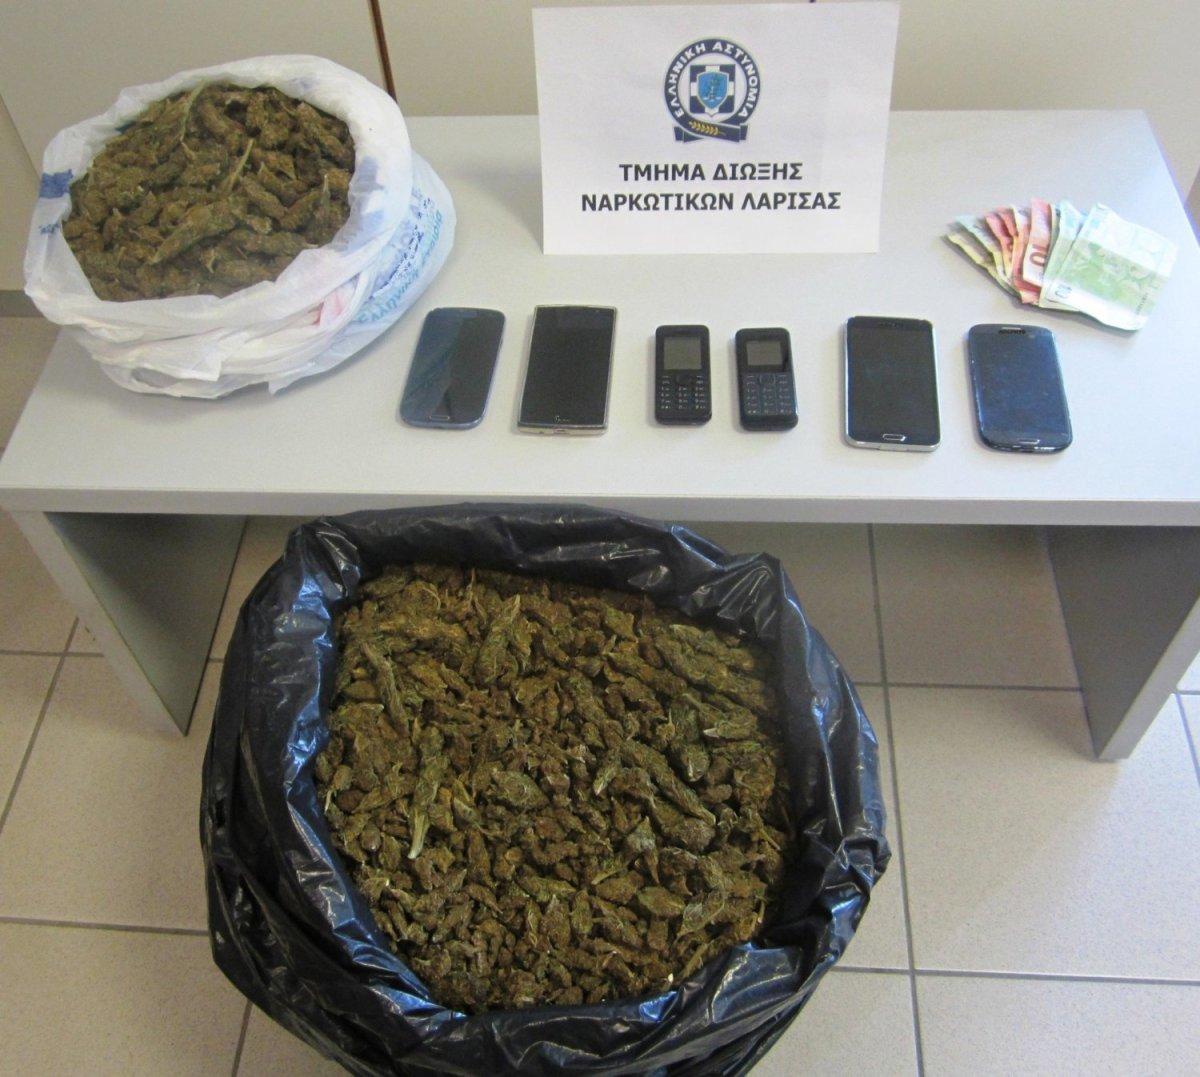 Σύλληψη τεσσάρων αλλοδαπών για ναρκωτικά